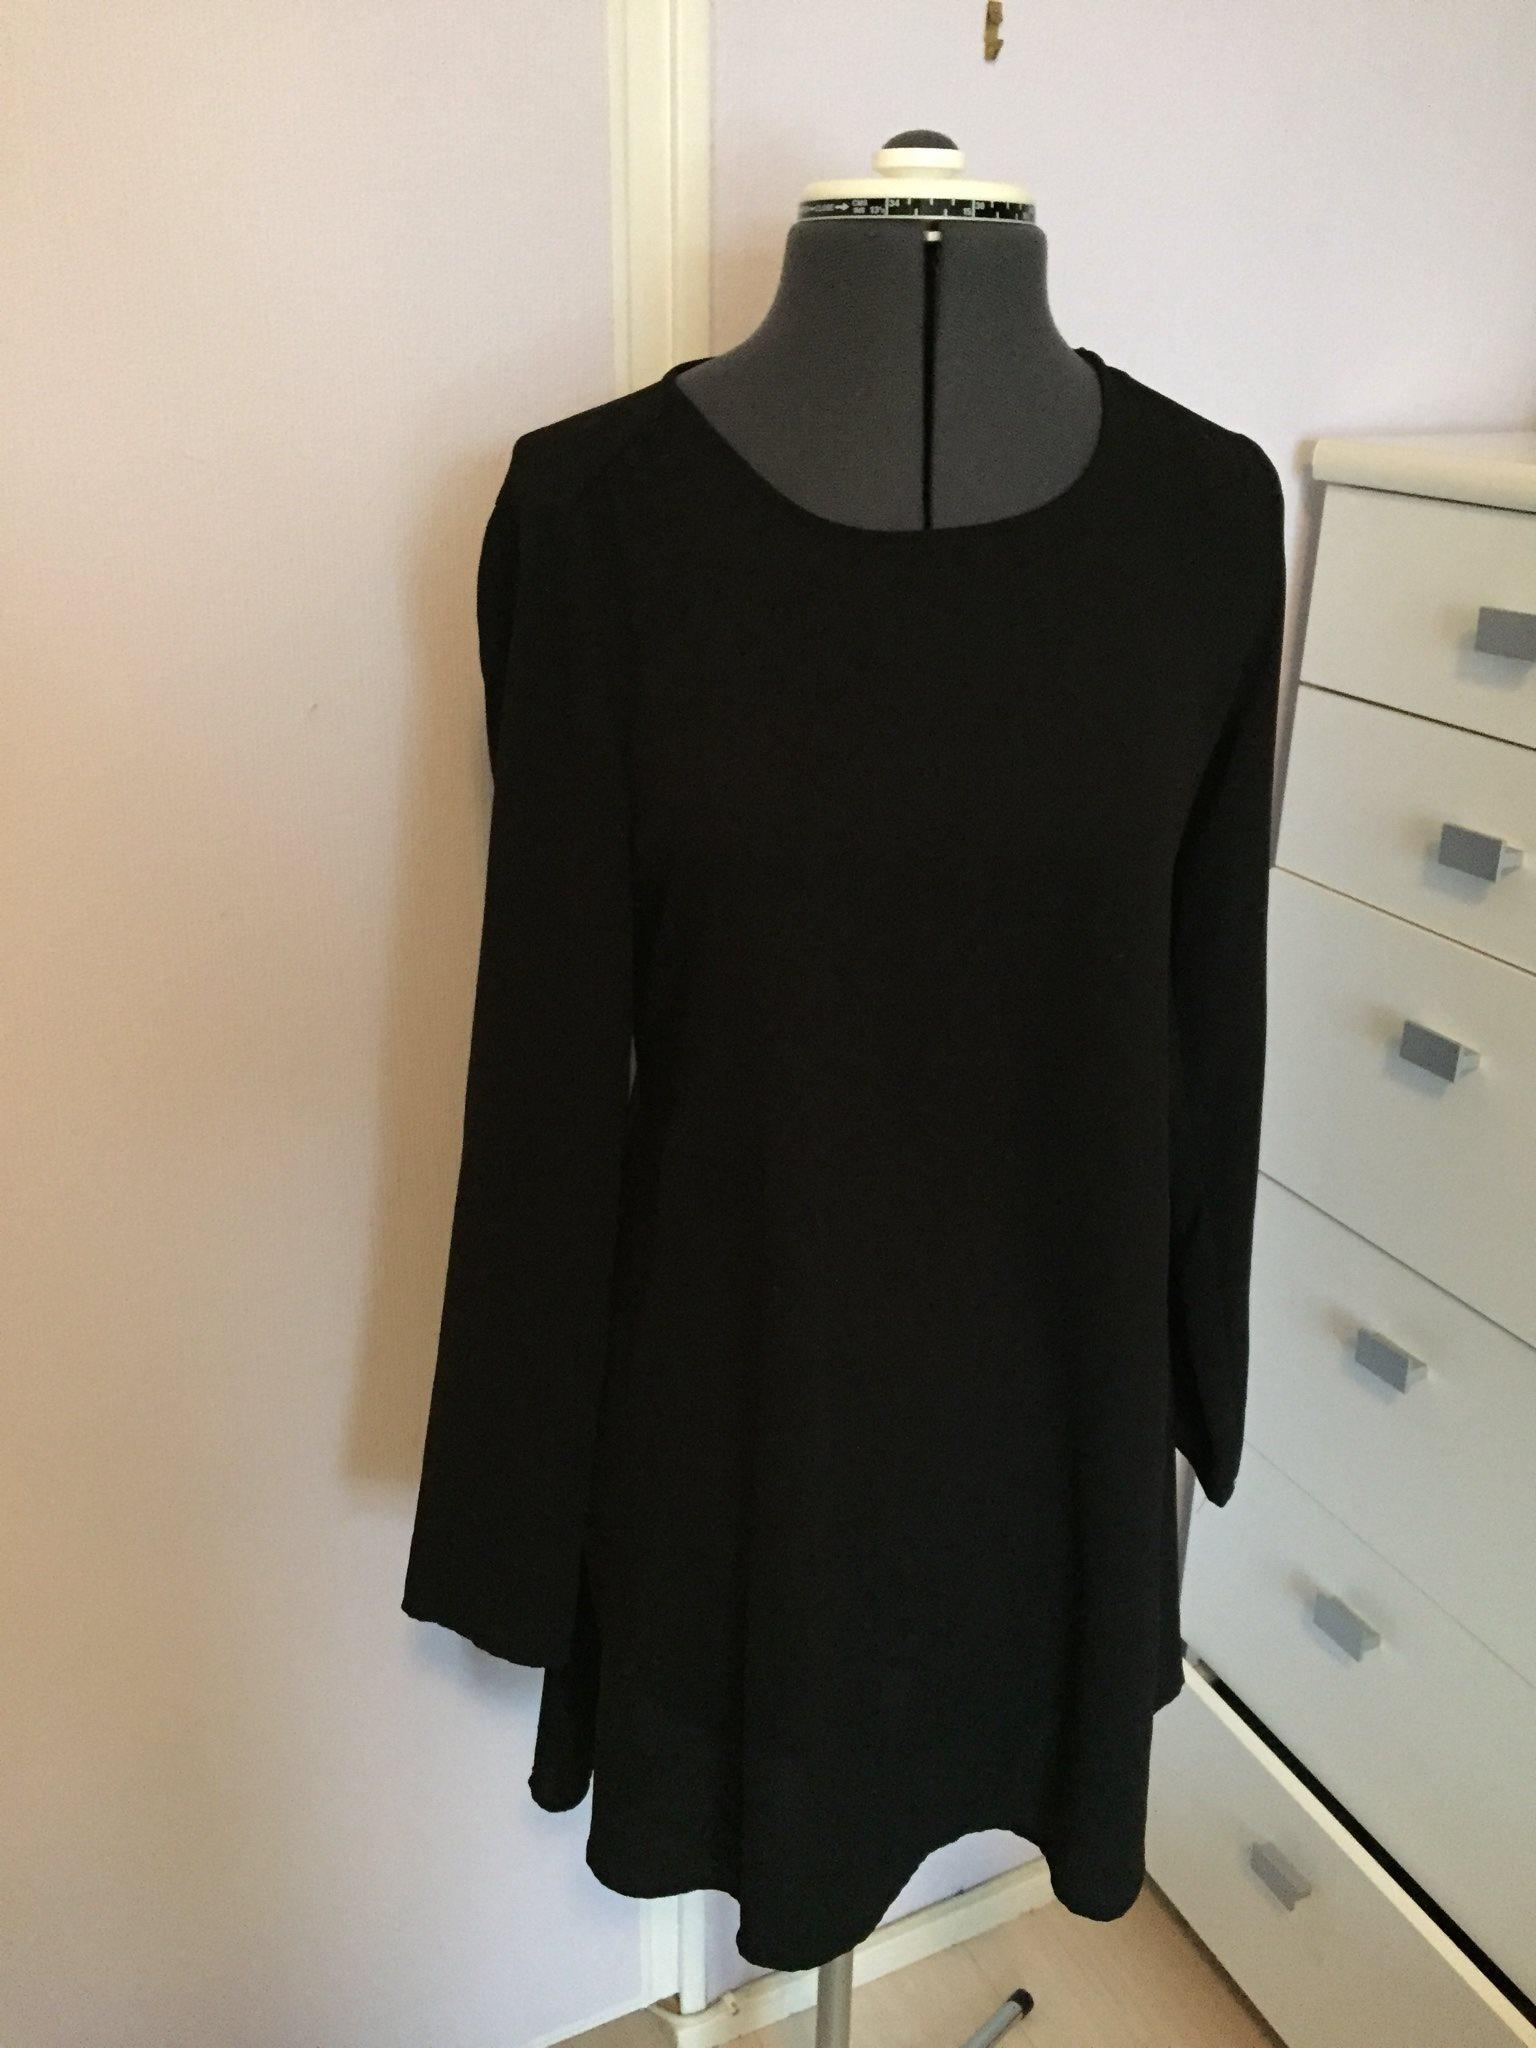 svart maxiklänning lång ärm